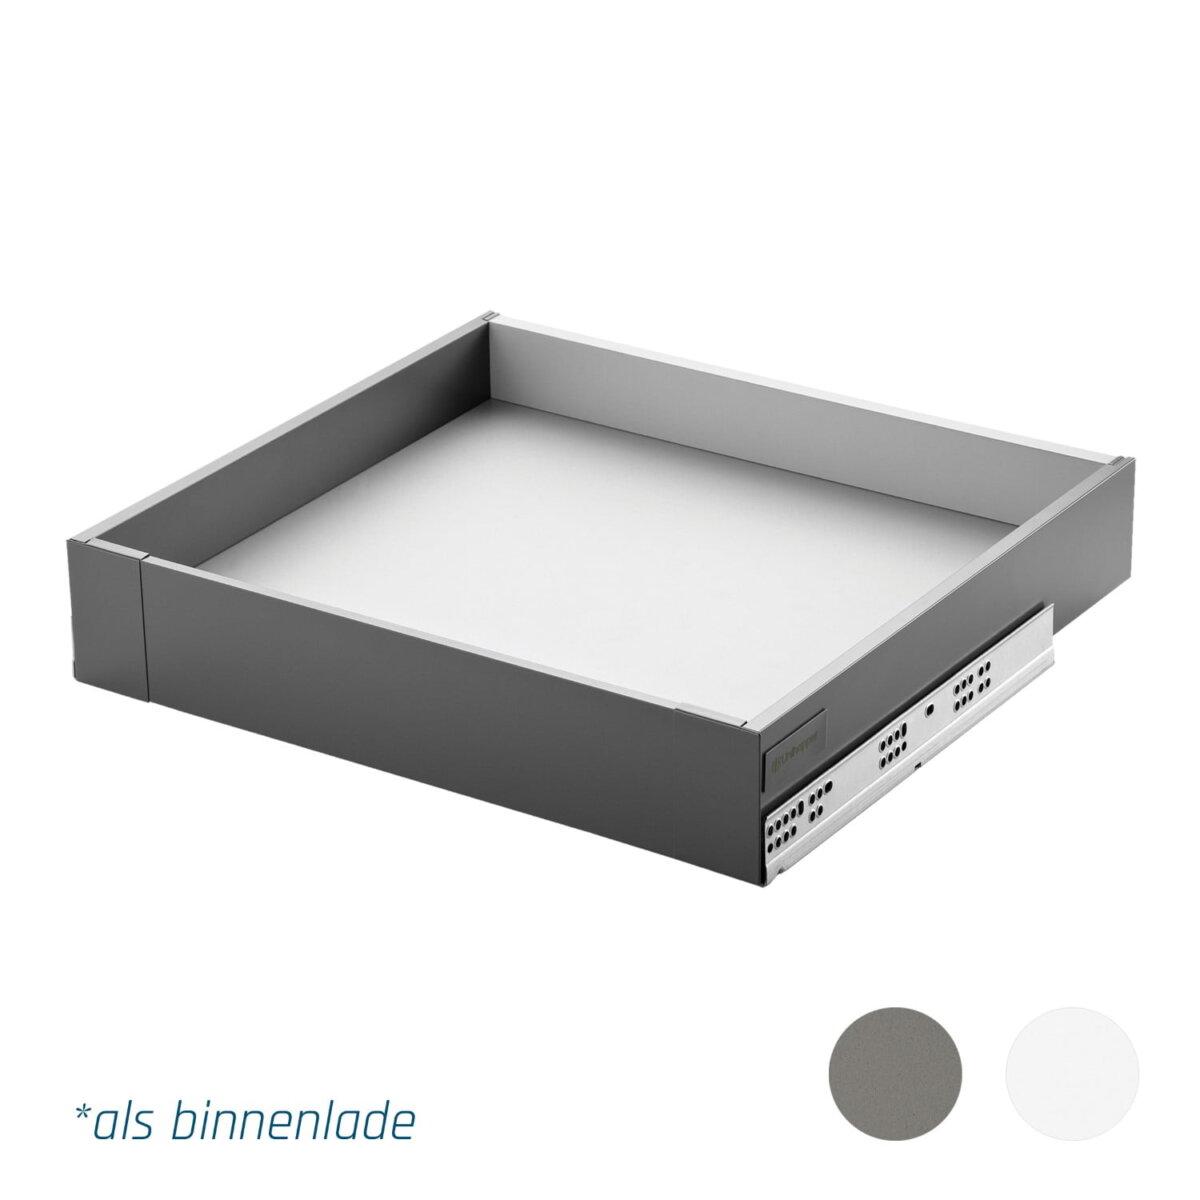 slimbox-set-H80-binnenlade_1